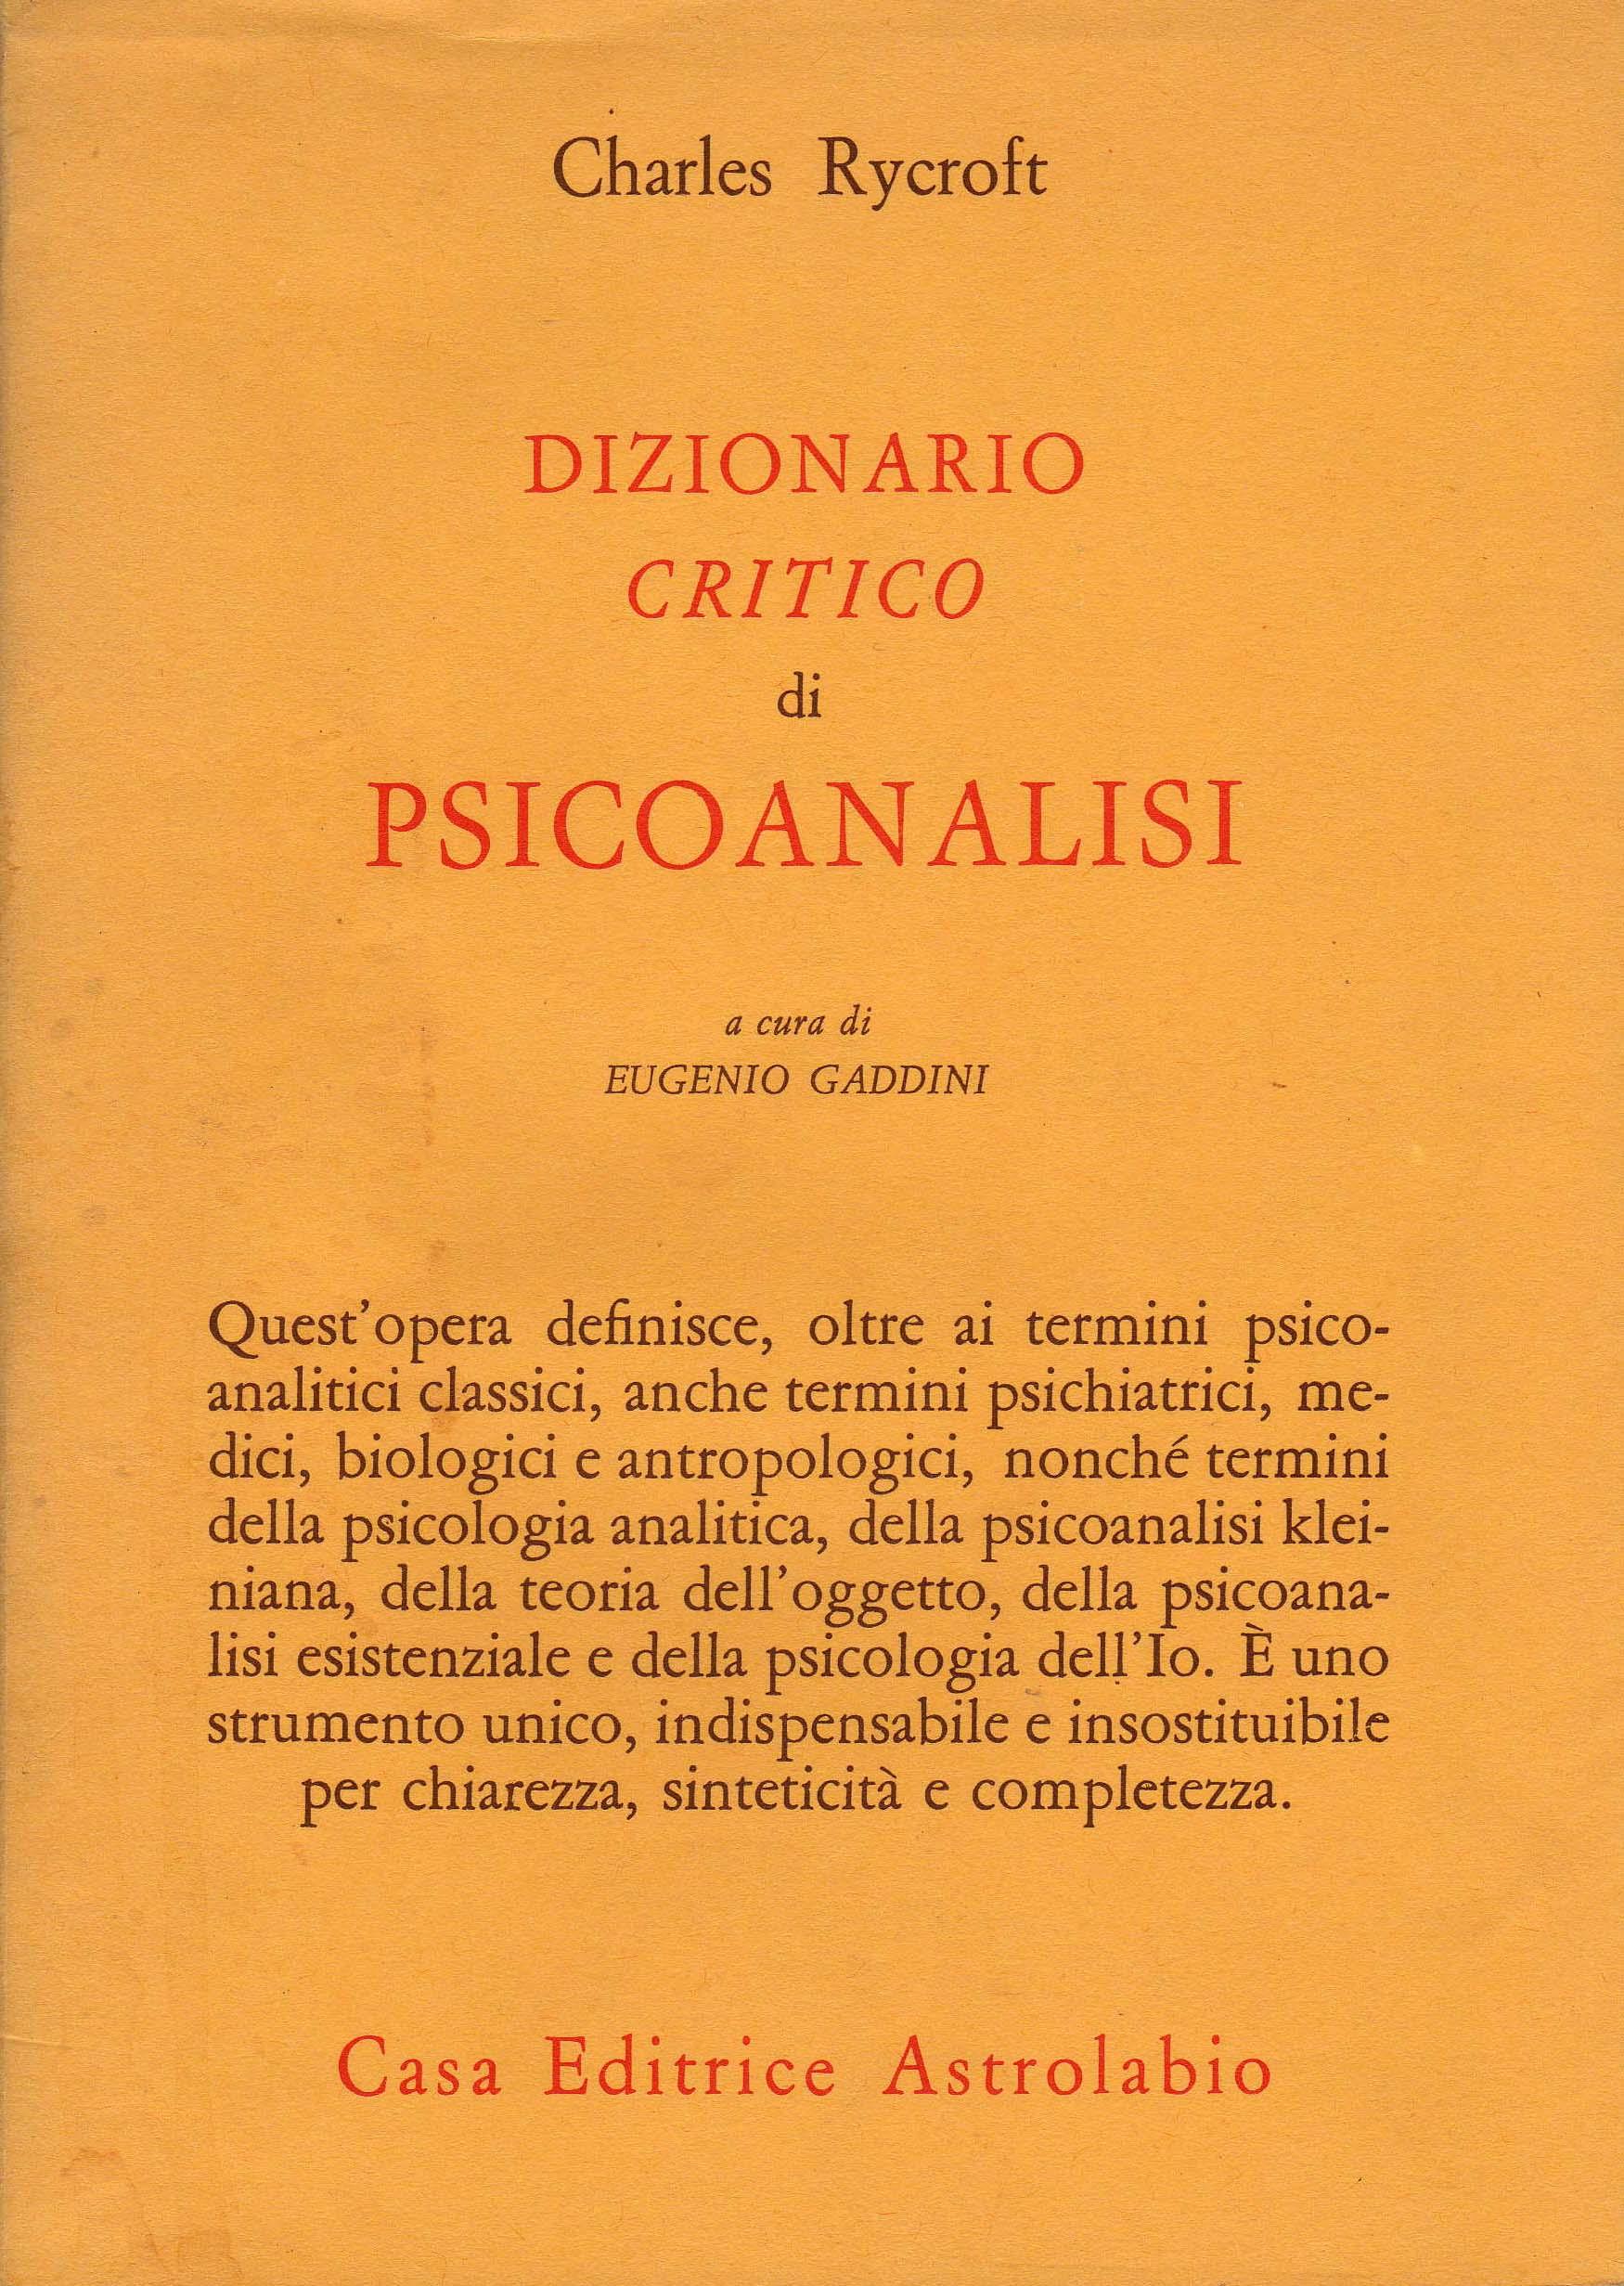 Dizionario critico d...